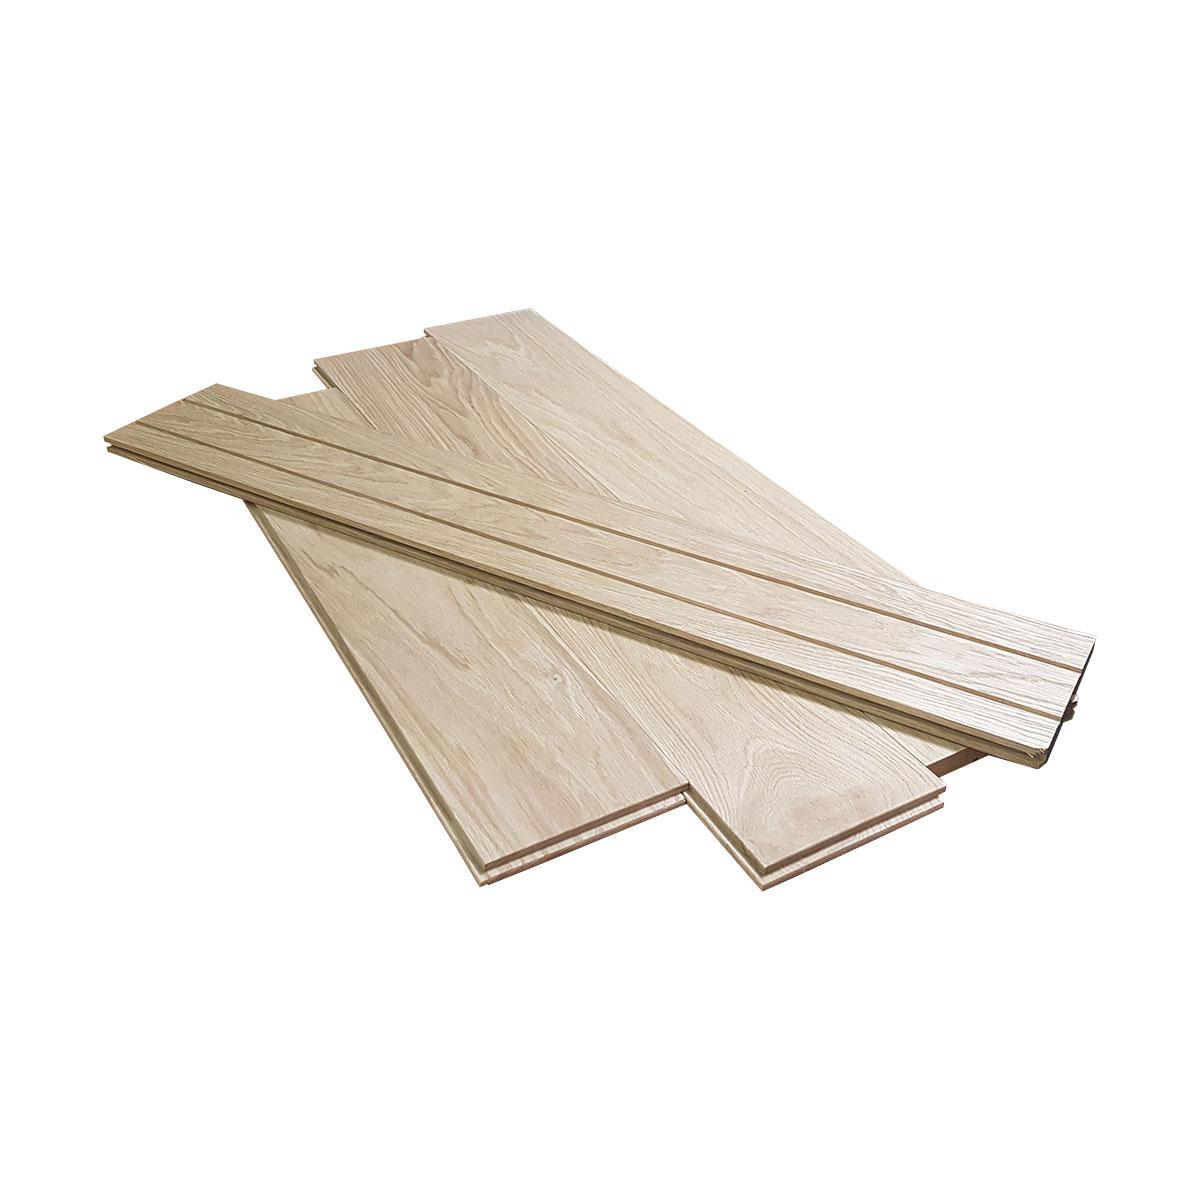 large solid oak chopping board large solid oak chopping board